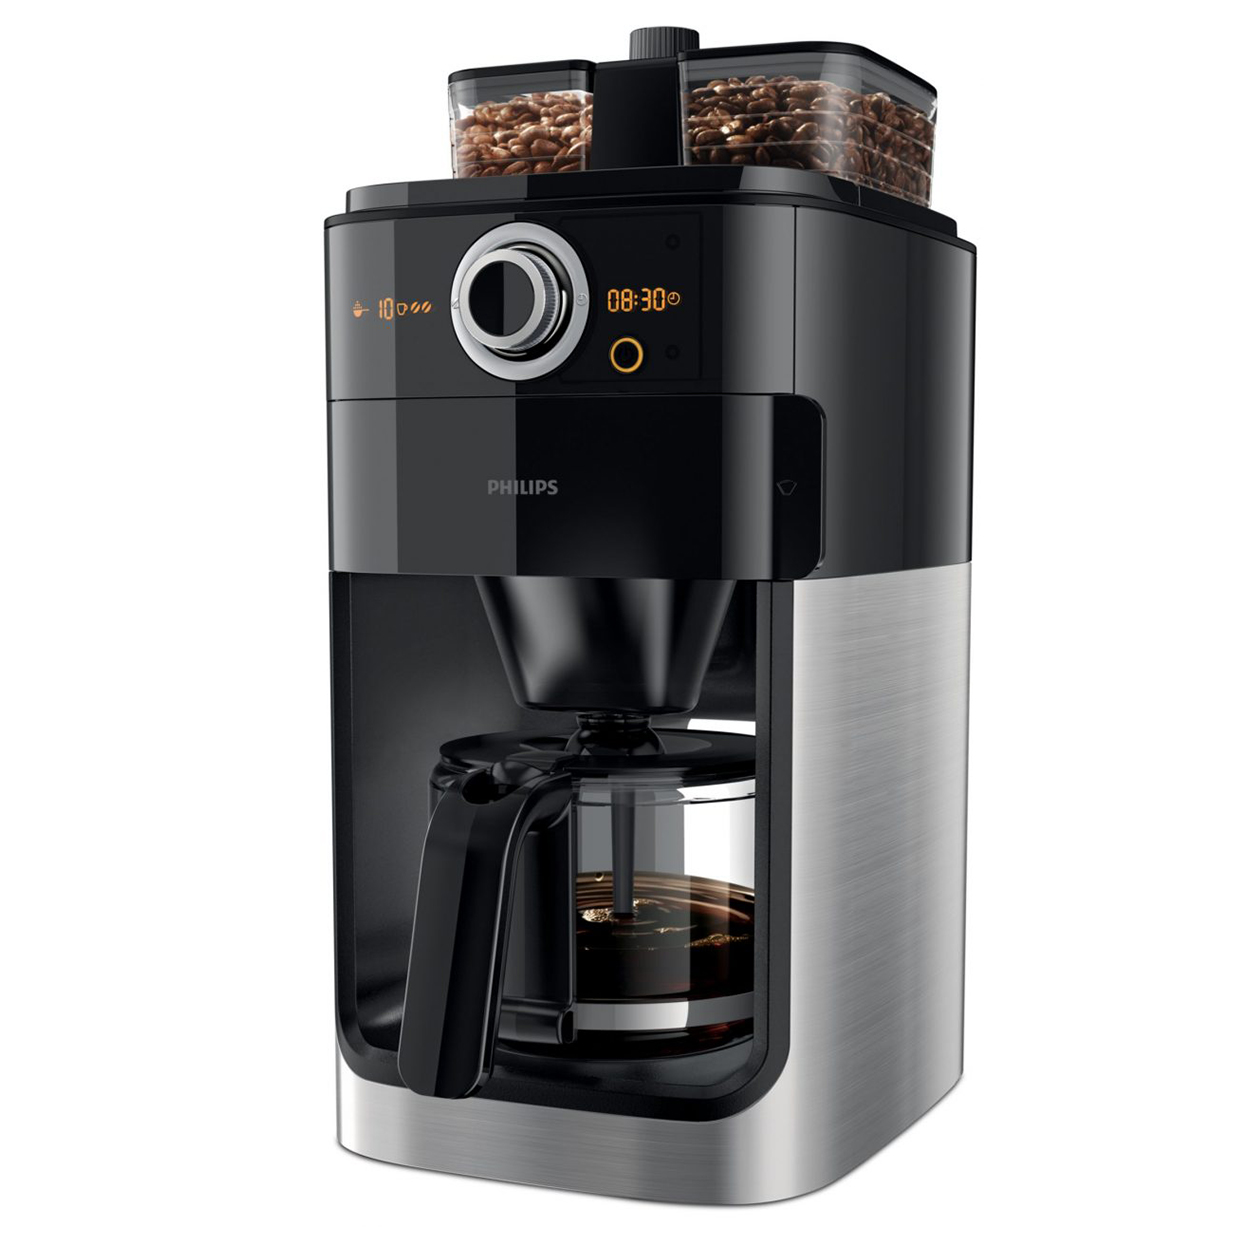 Pirkite Grind & Brew Kavos virimo aparatą HD7769/00 elektroninėje   Philips parduotuvėje